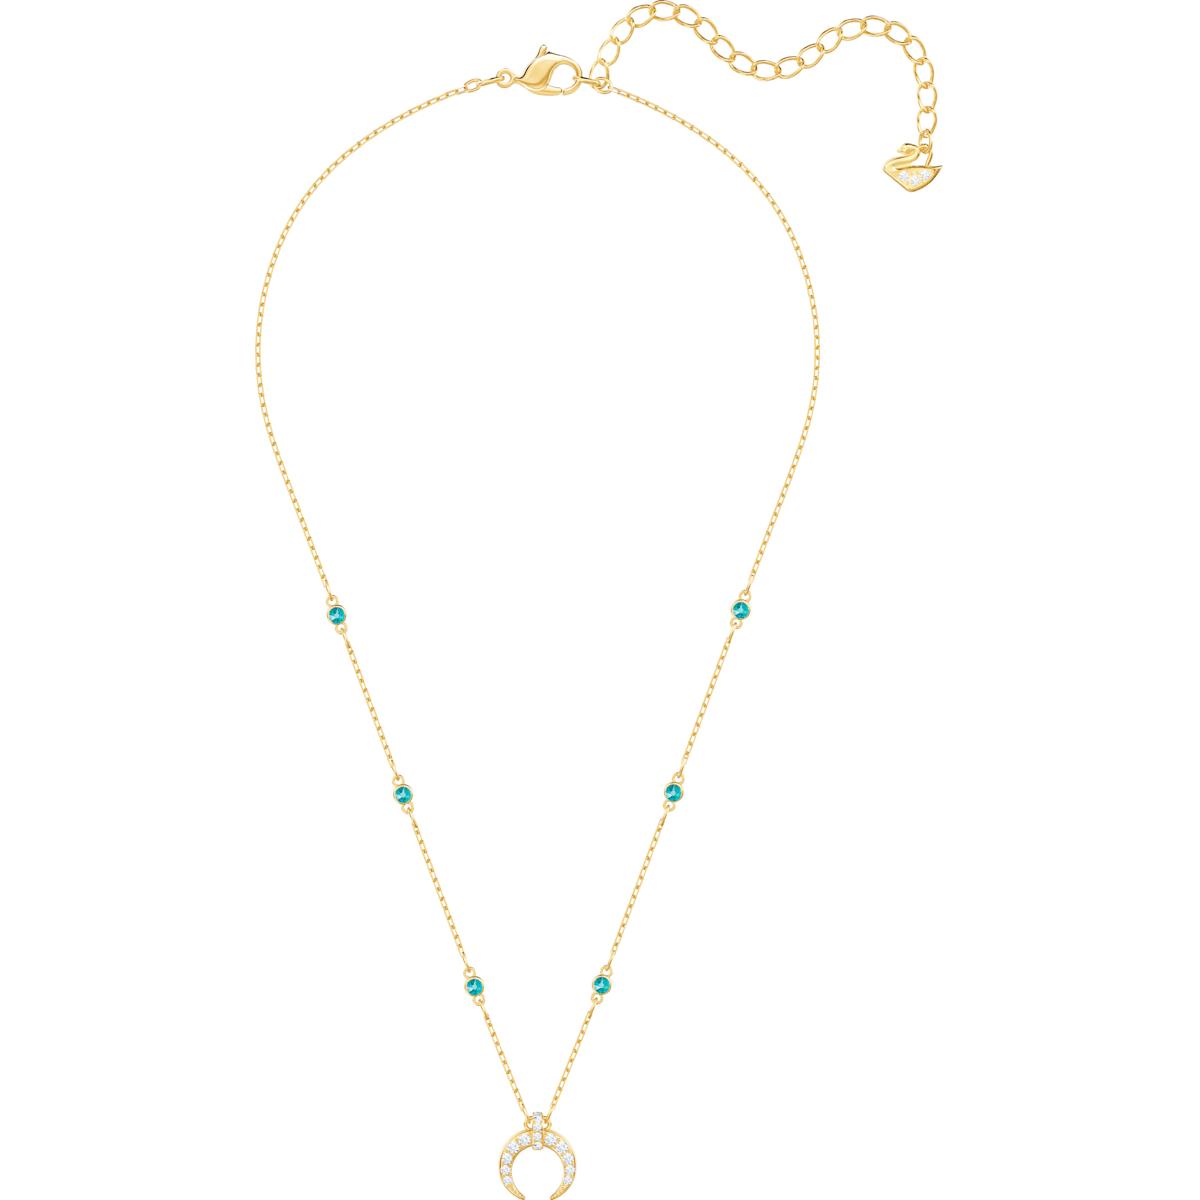 ef74e4d8aa1f6 Last Summer Moon Necklace, Aqua, Gold plating